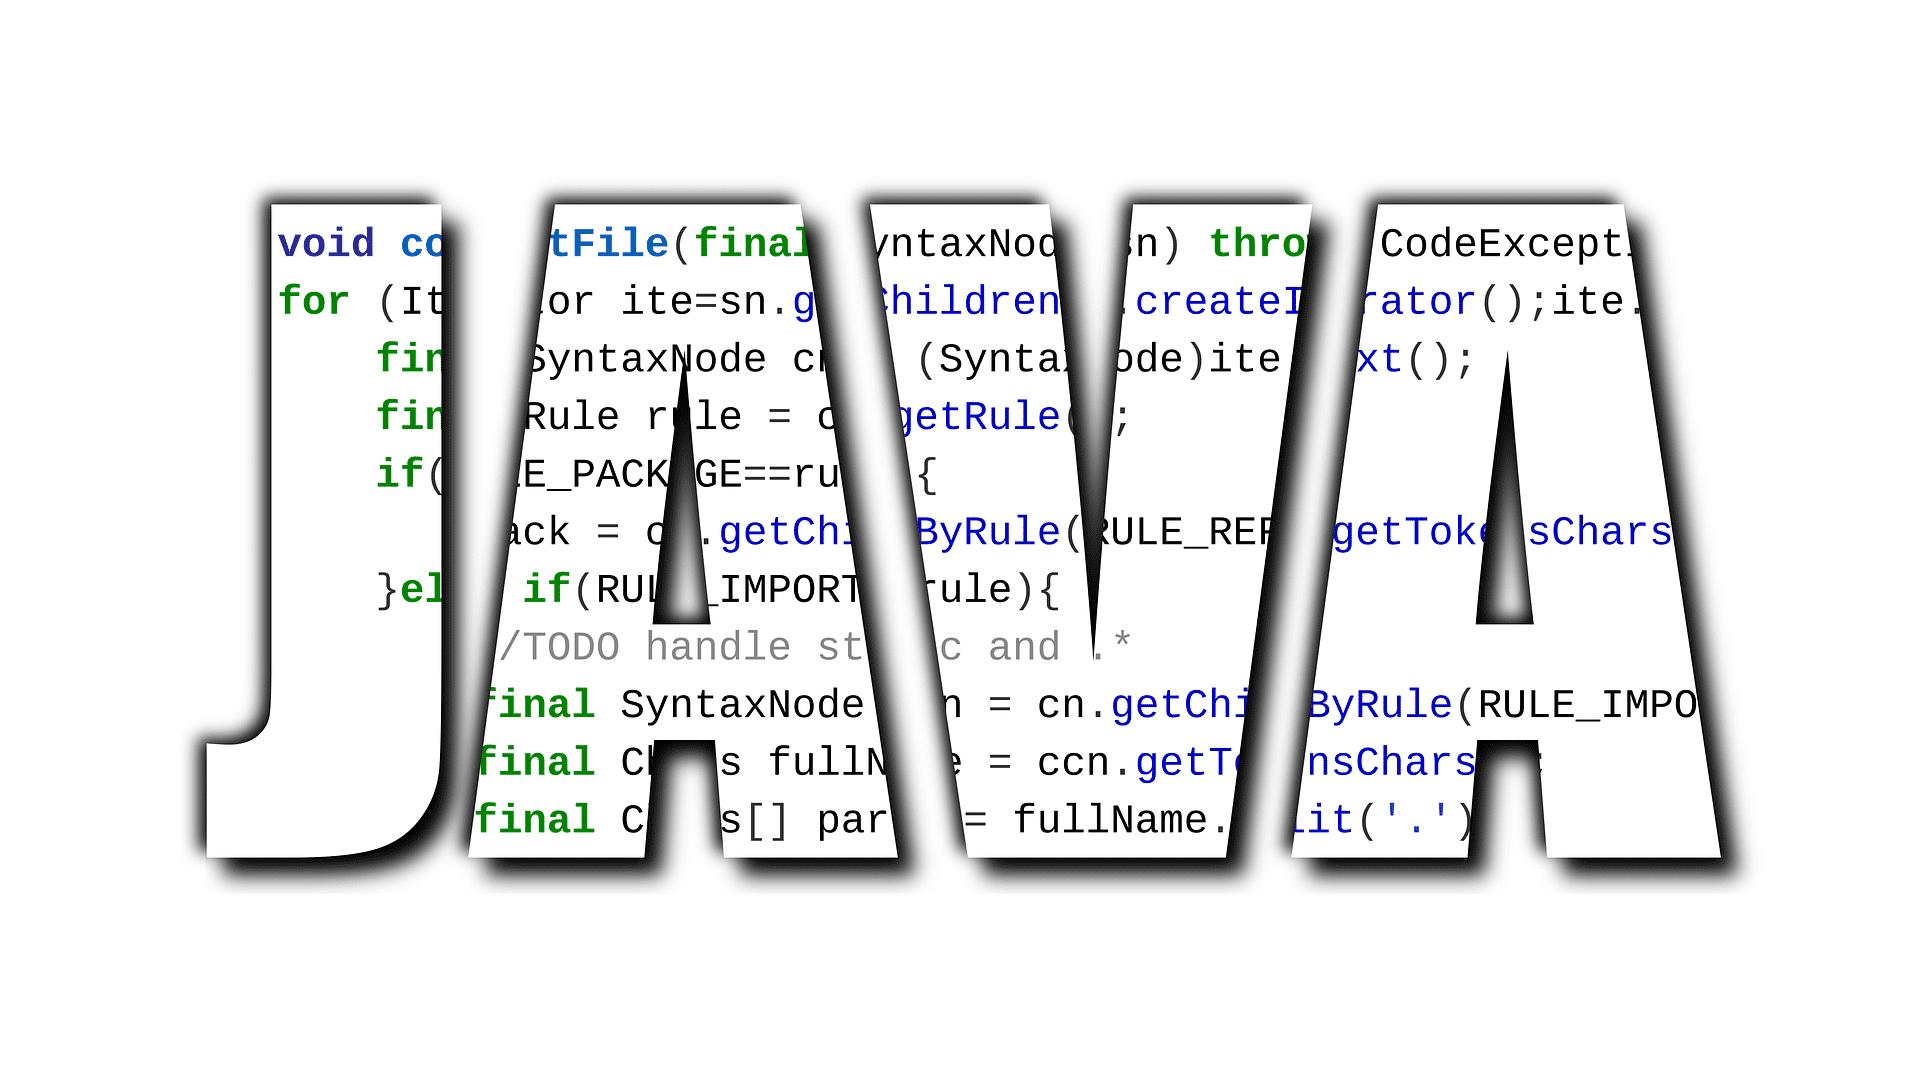 Vorgestellt: Sechs Sprachen für die Java Virtual Machine